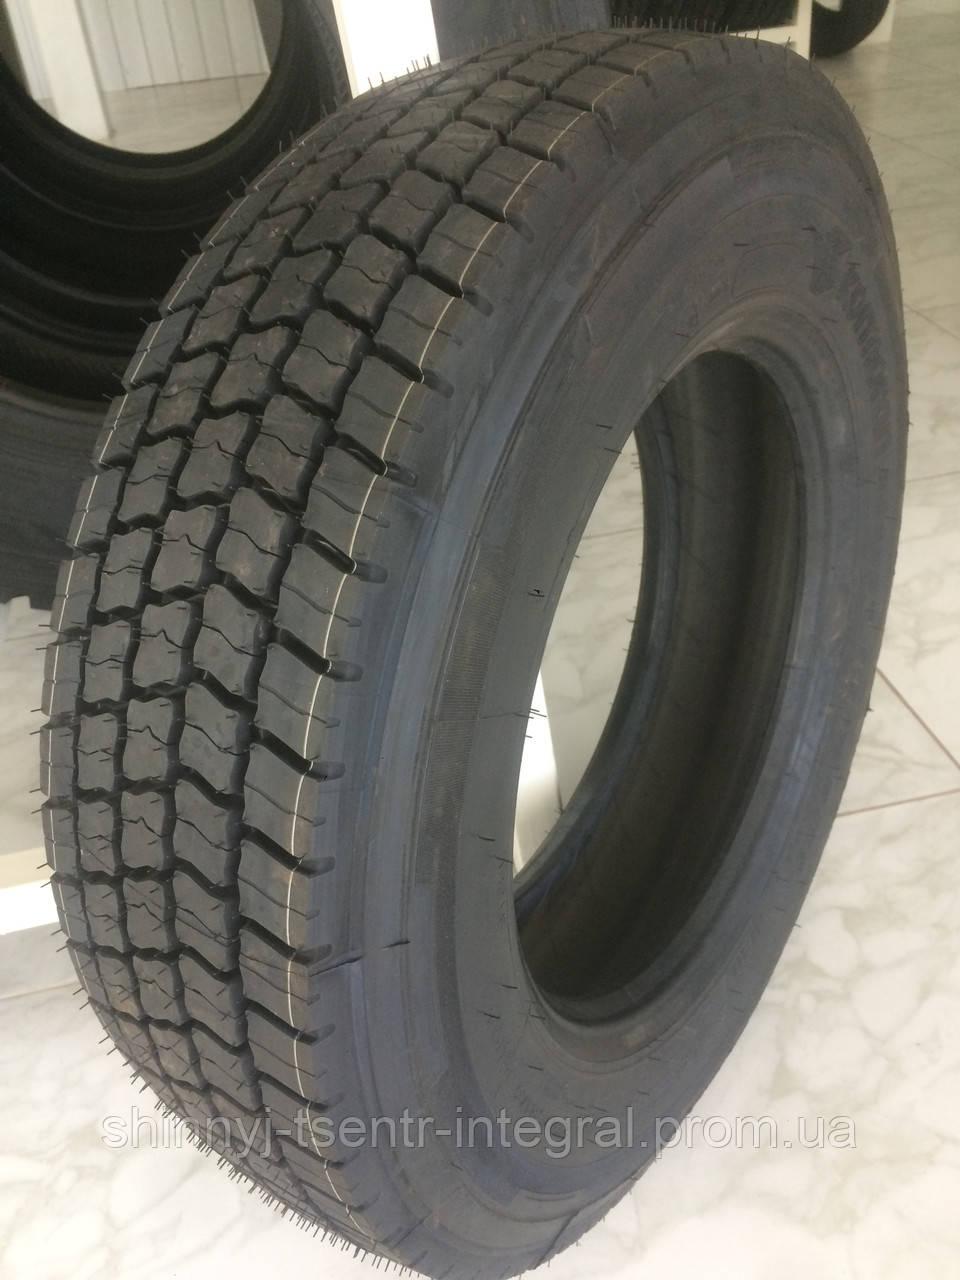 Шины автомобильные грузовые 215/75 R17.5 KORMORAN ROADS 2D TL 126/124 М (ведущая)